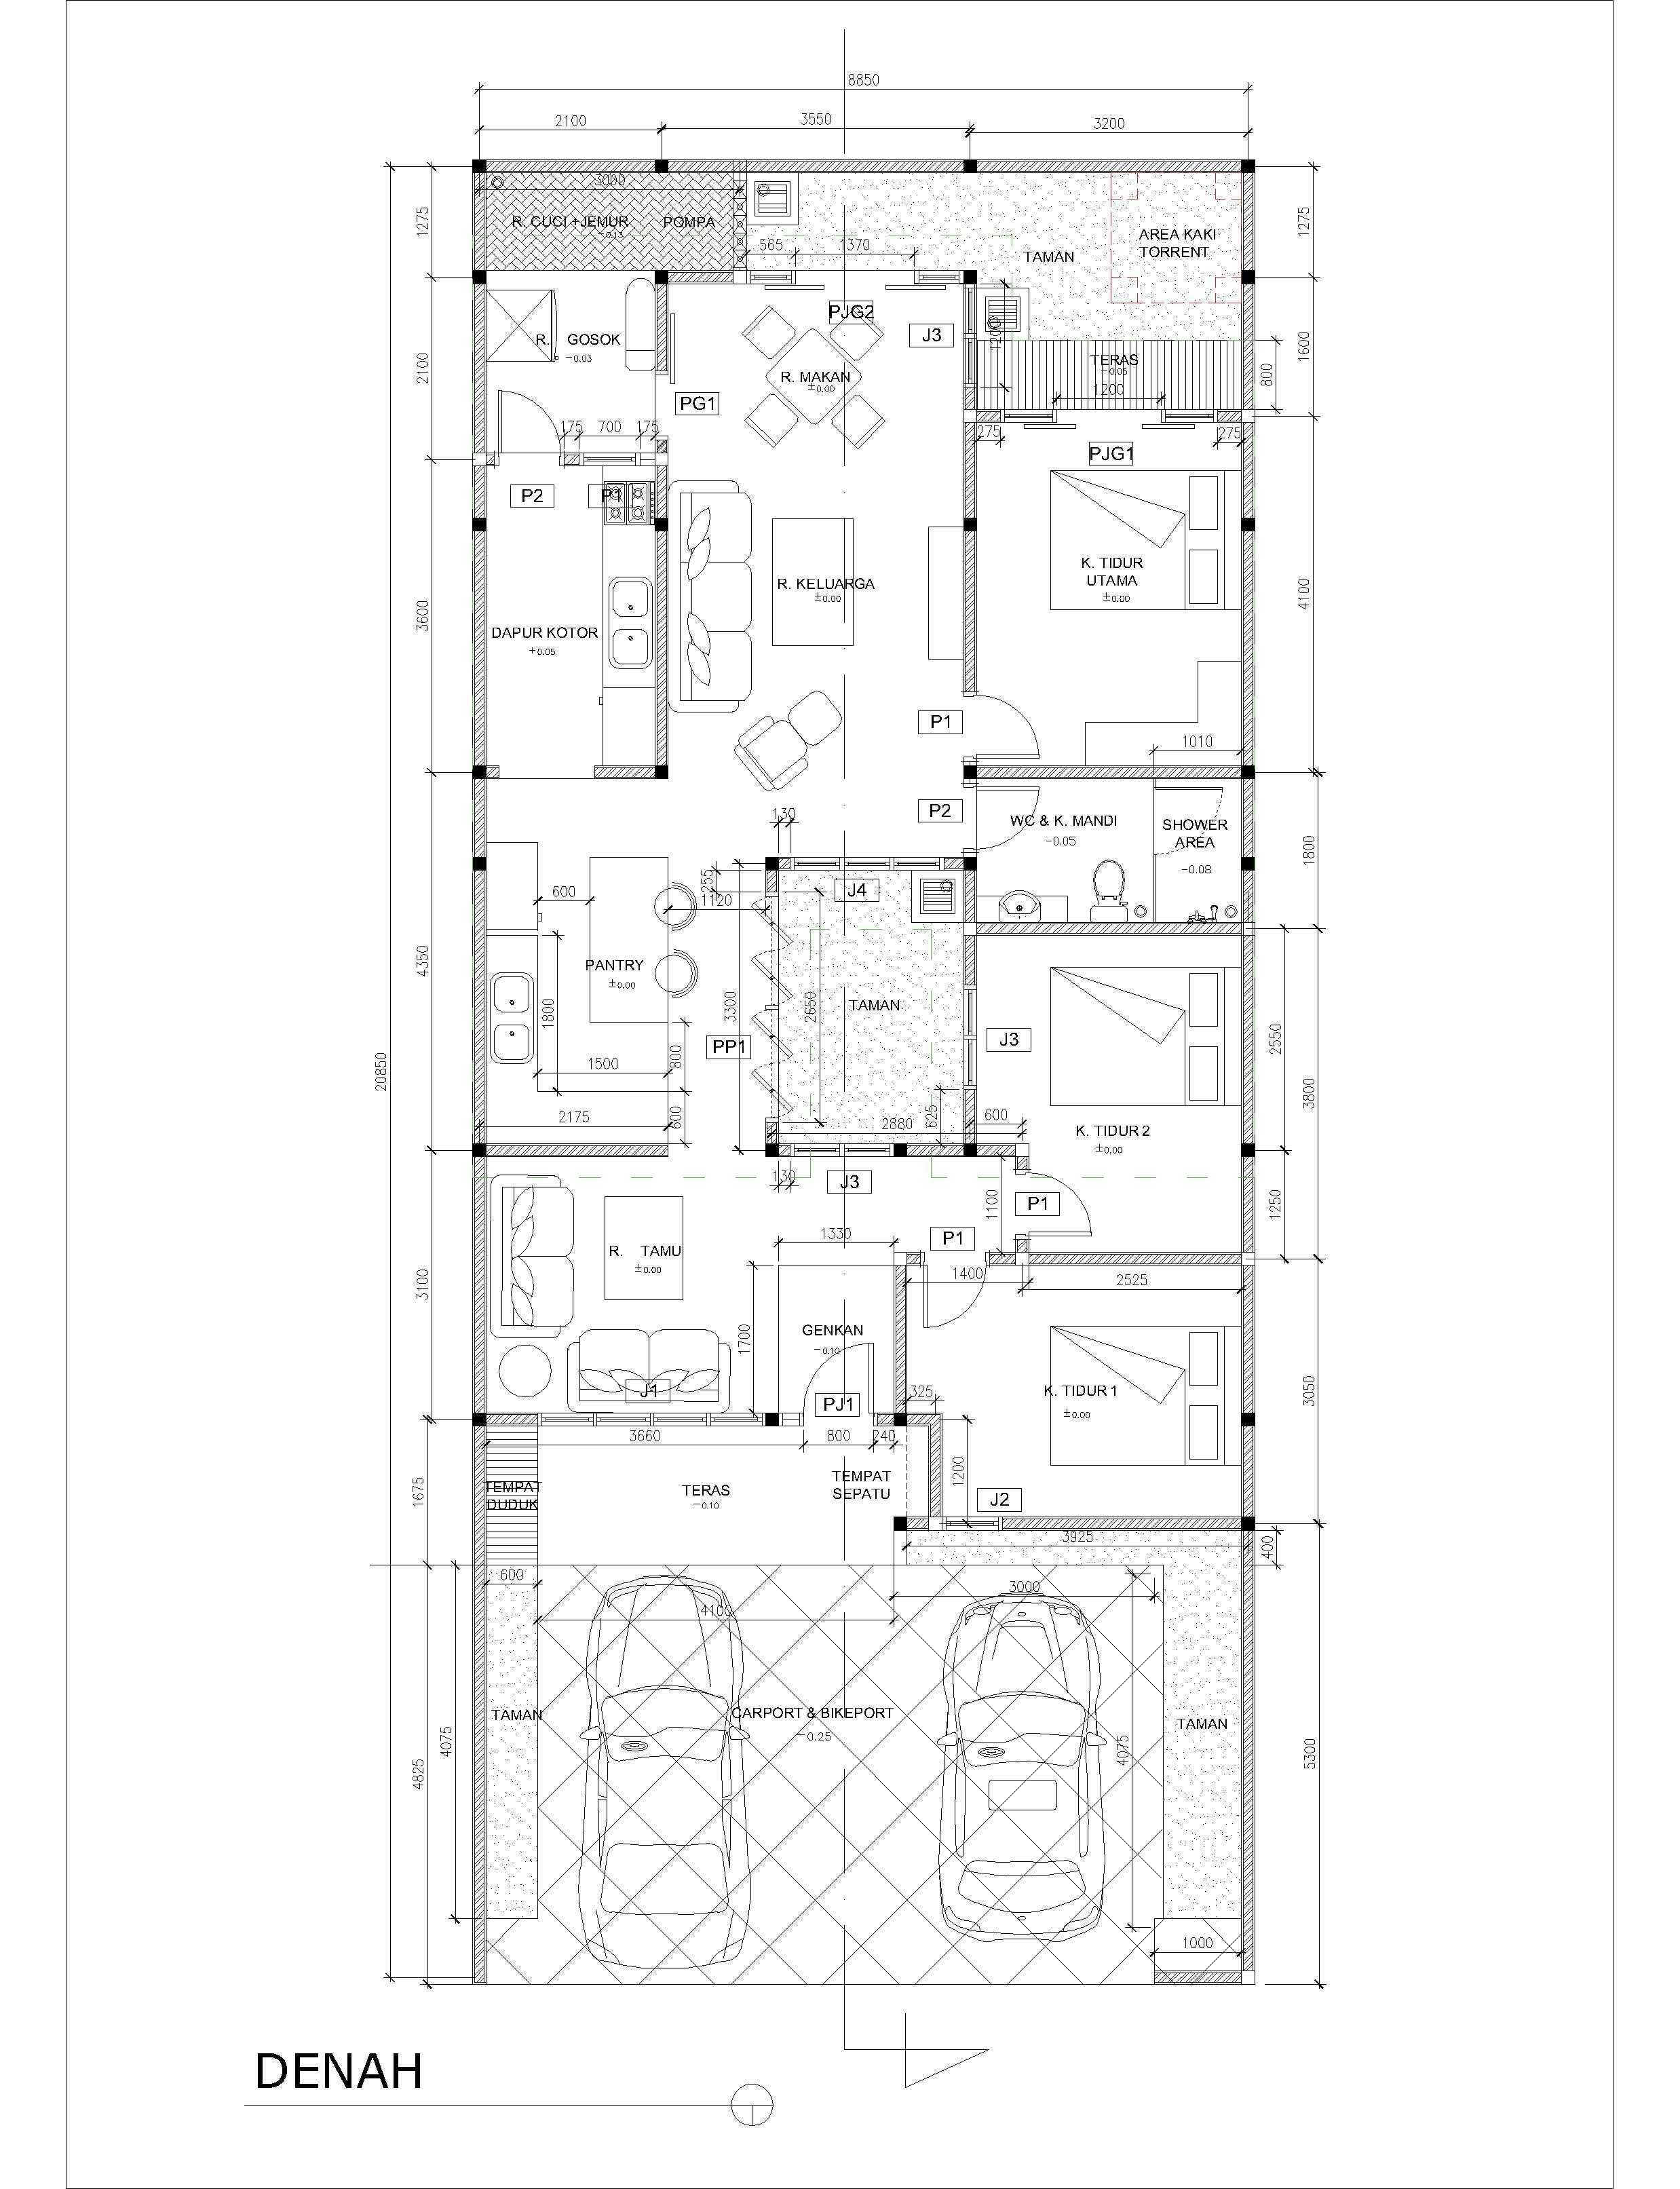 Bingkai Arsitektur House Bekasi, Tambelang, Bekasi, Jawa Barat, Indonesia Bekasi, Tambelang, Bekasi, Jawa Barat, Indonesia House Minimalist  40607